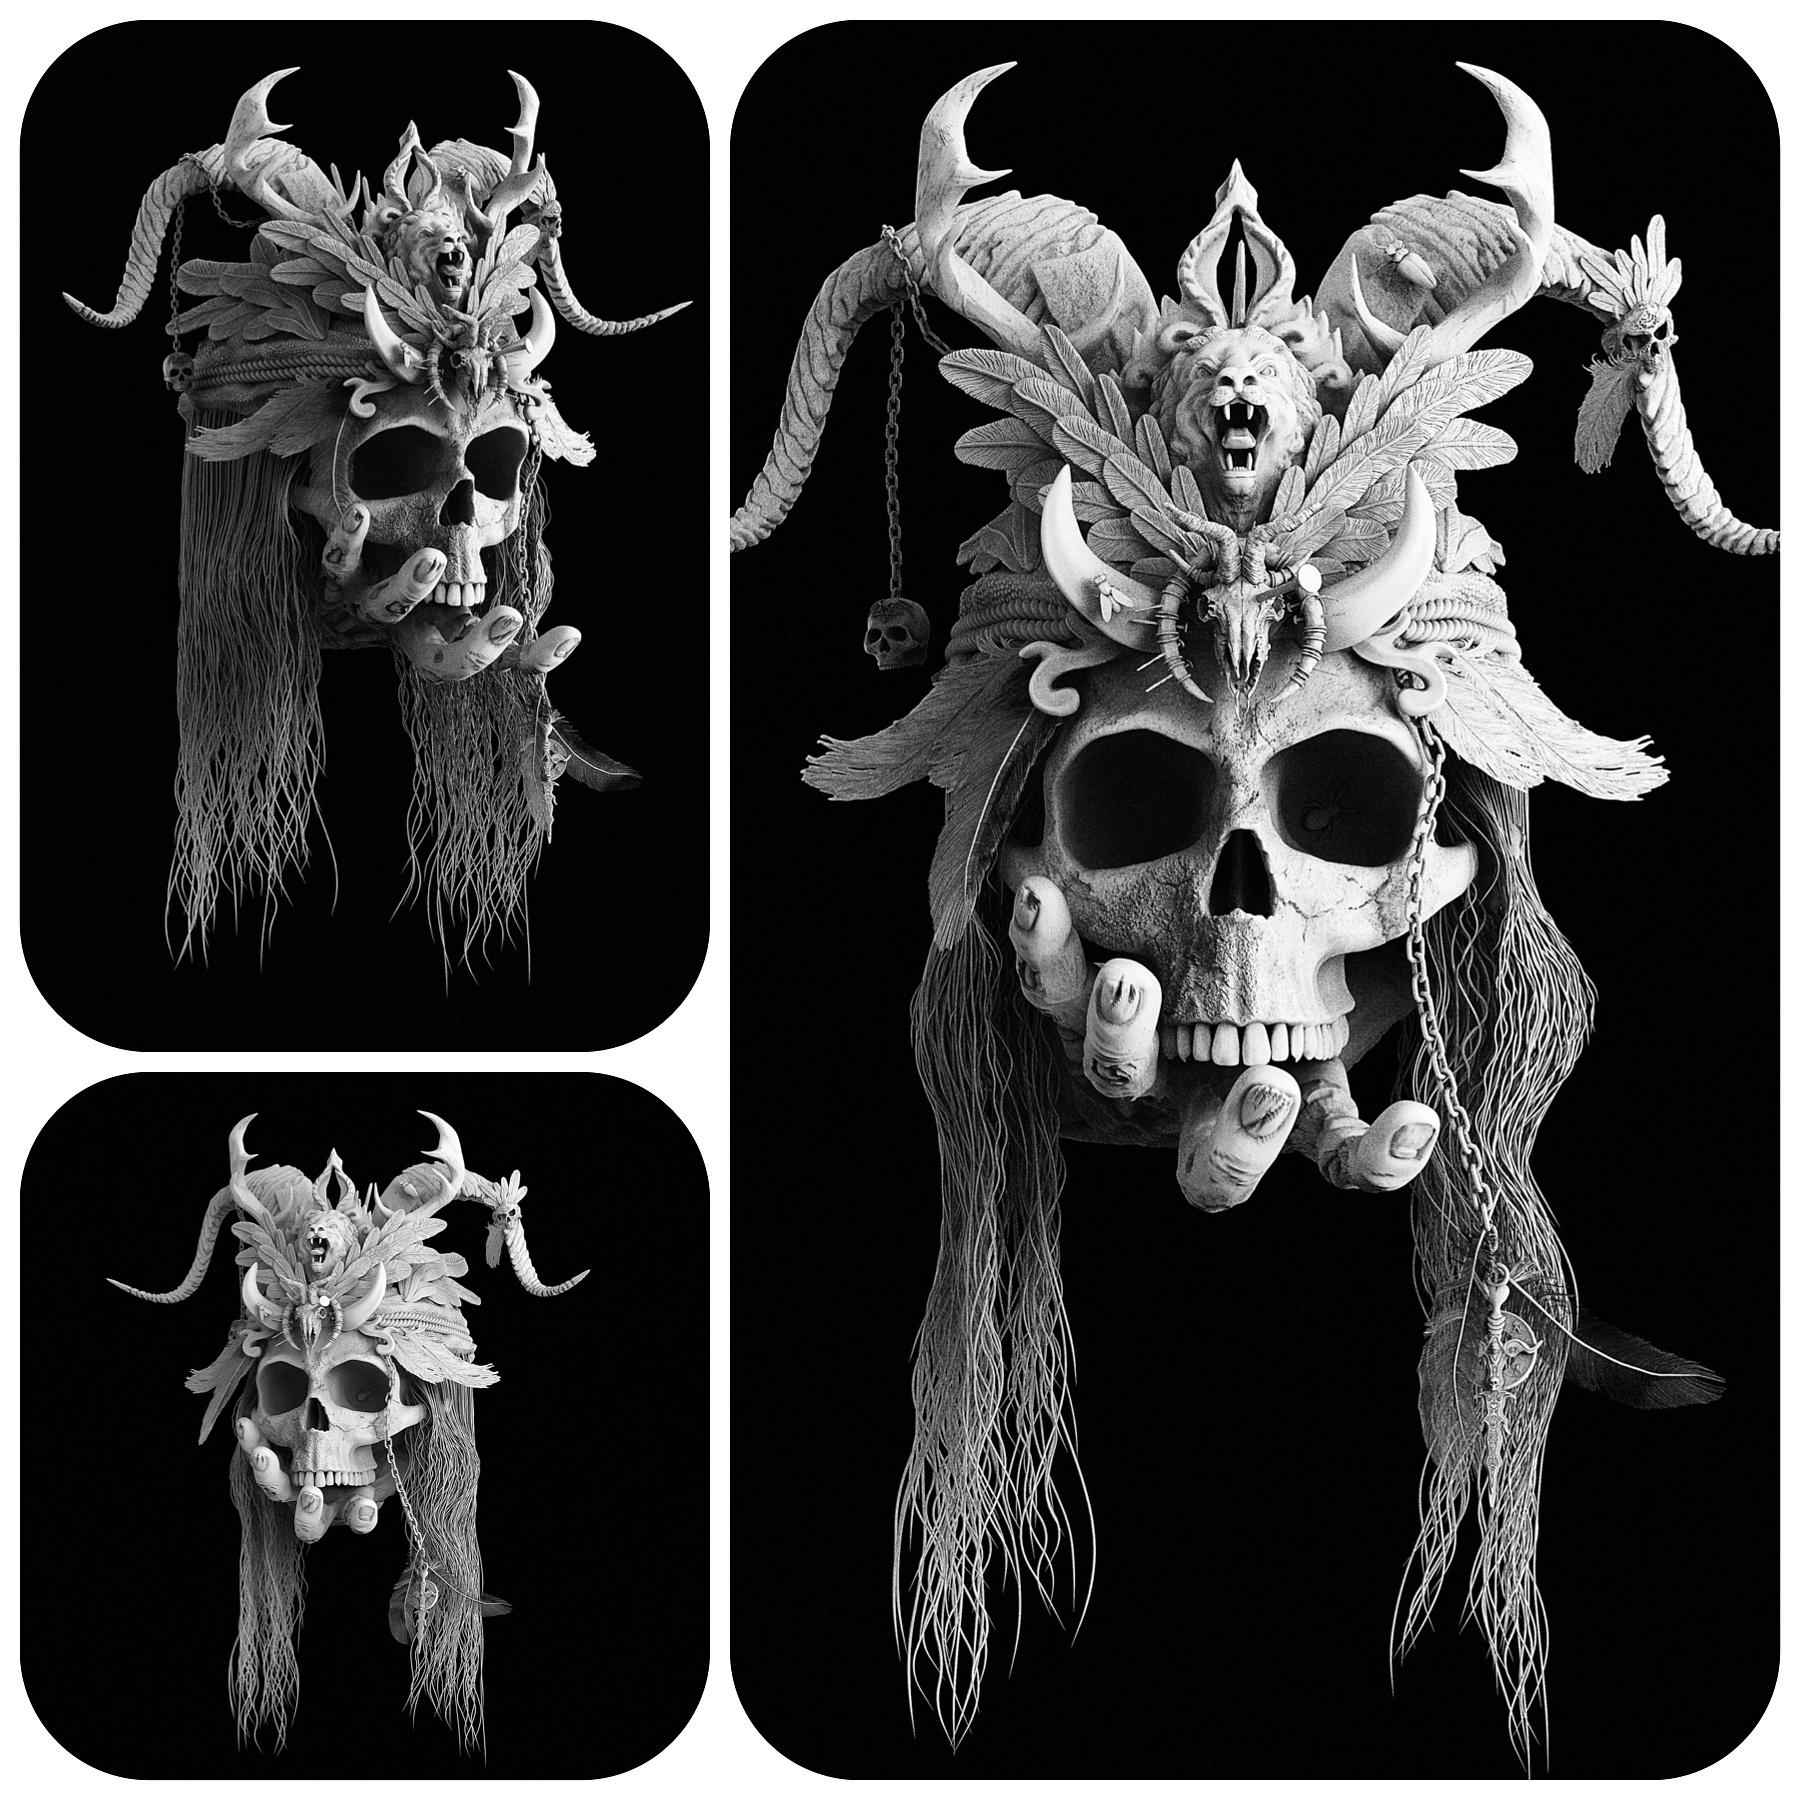 The Skull by Oliver Kieser